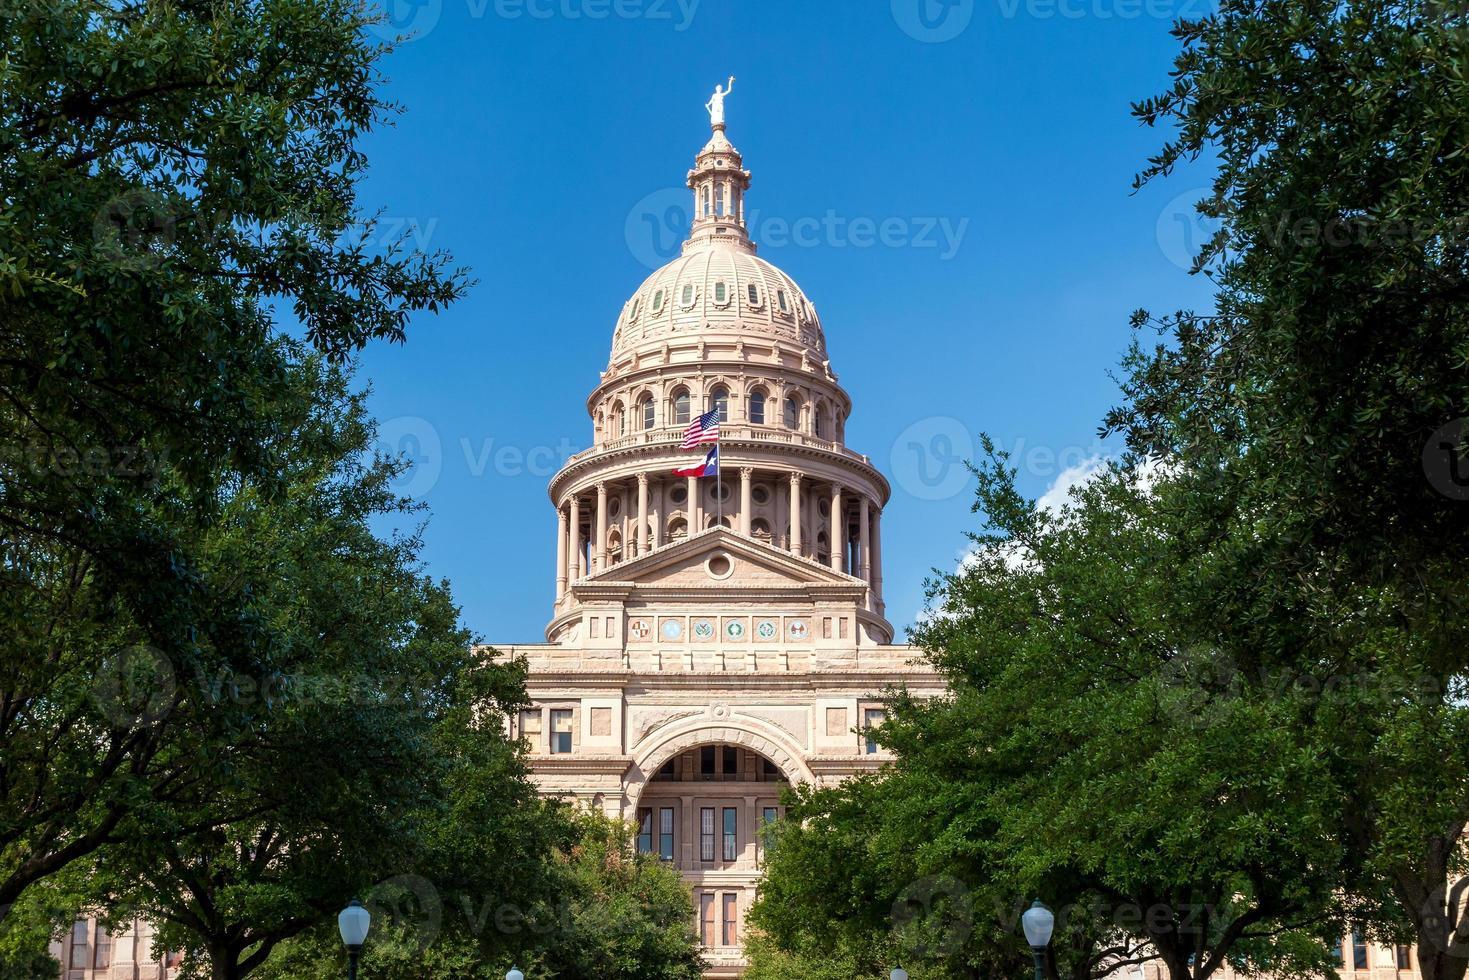 Bâtiment du Capitole de l'État du Texas à Austin photo